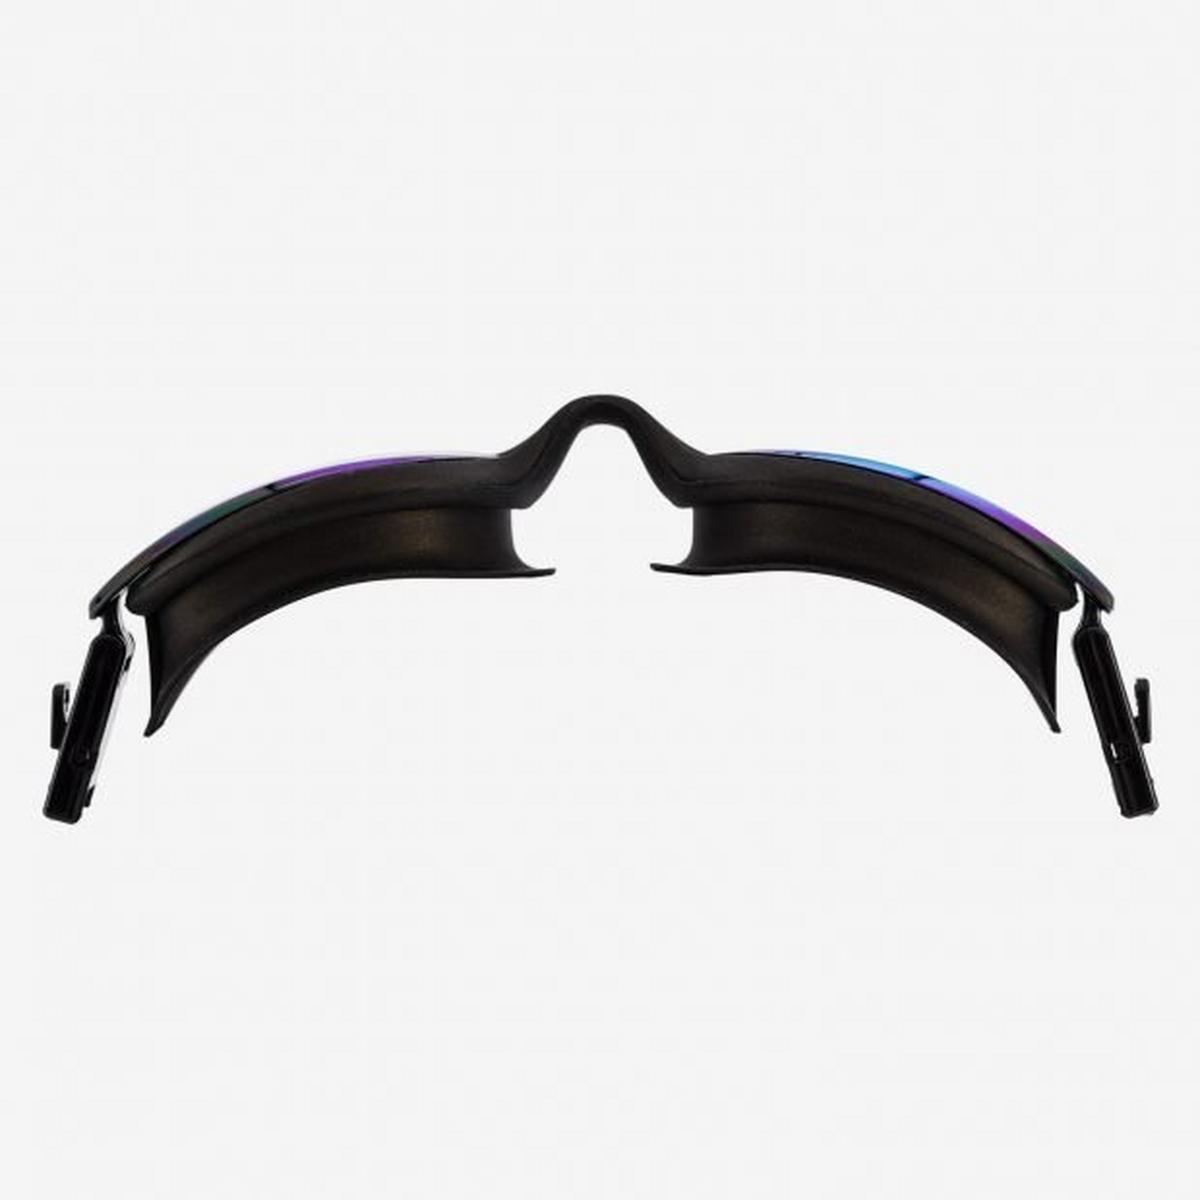 Orca Unisex Killa 180 Goggles - Mirror